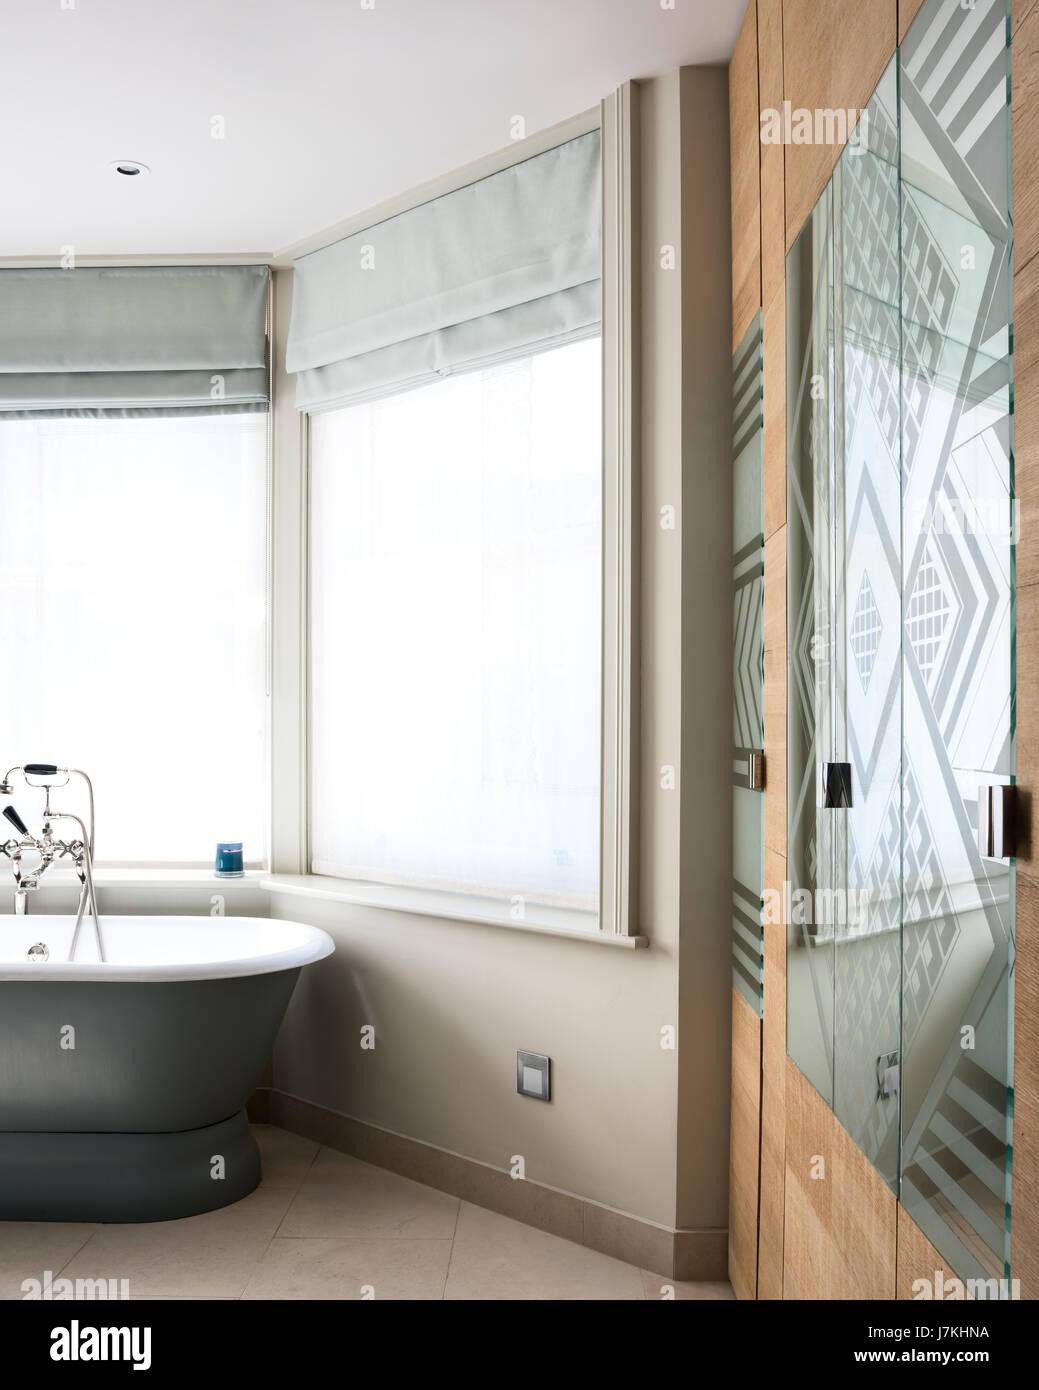 Gemusterte Spiegel Glas im Badezimmer mit freistehender Badewanne ...